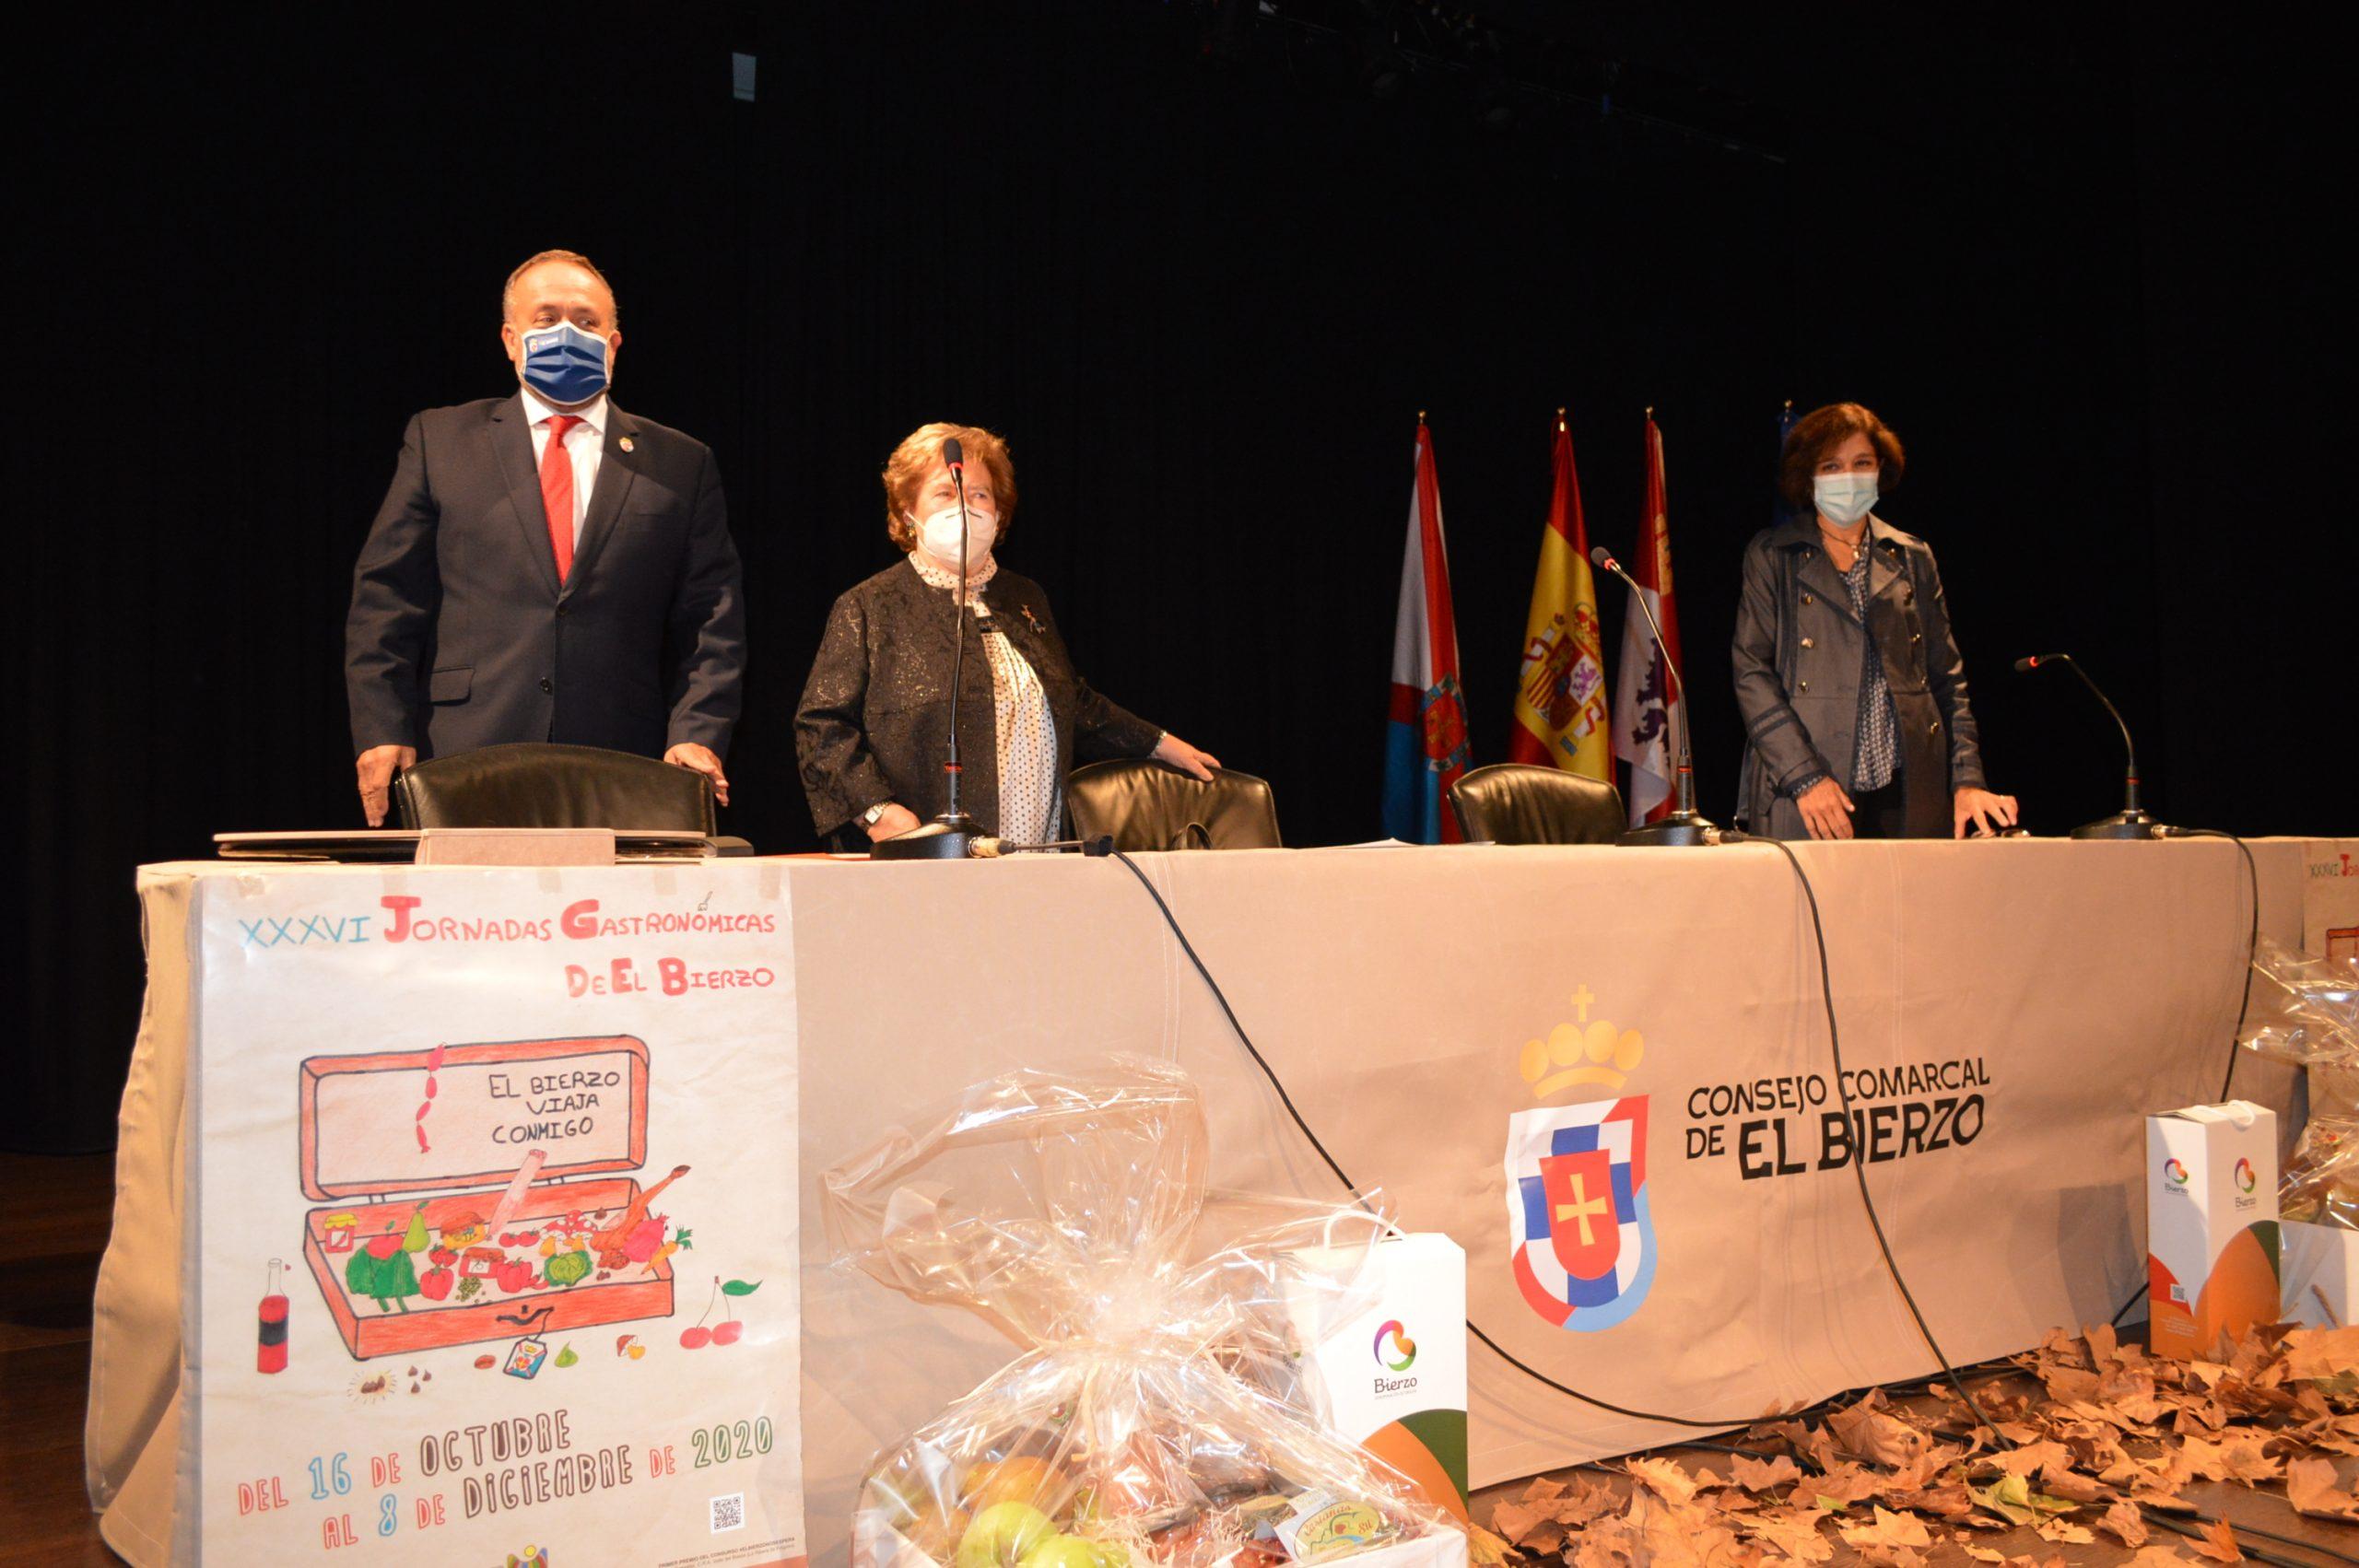 Arrancan las Jornadas Gastronómicas de El Bierzo con el pregón de su mantenedora Yolanda Ordás 2